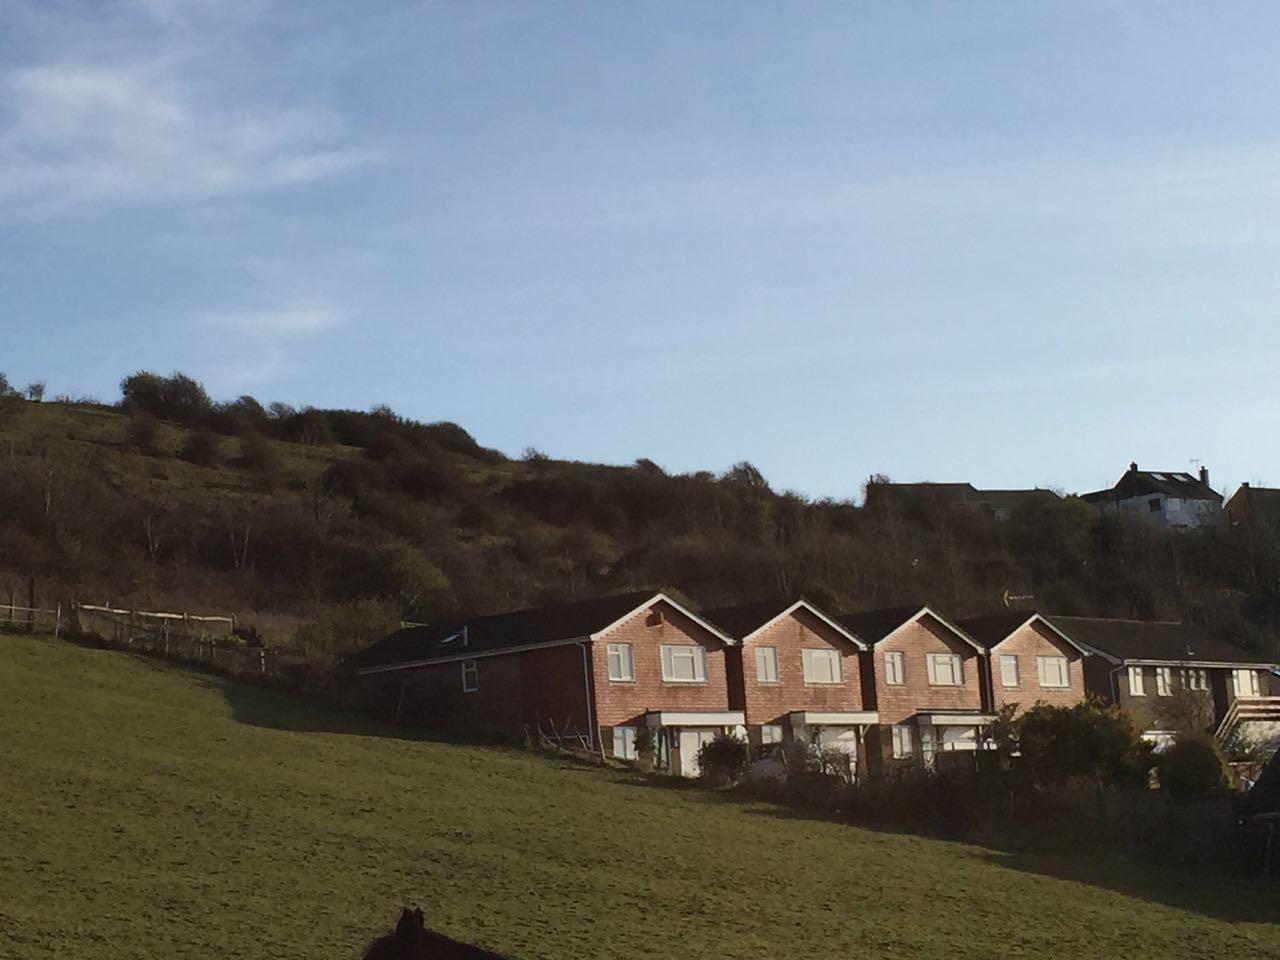 Coomber Meadow, Saltdean - 02